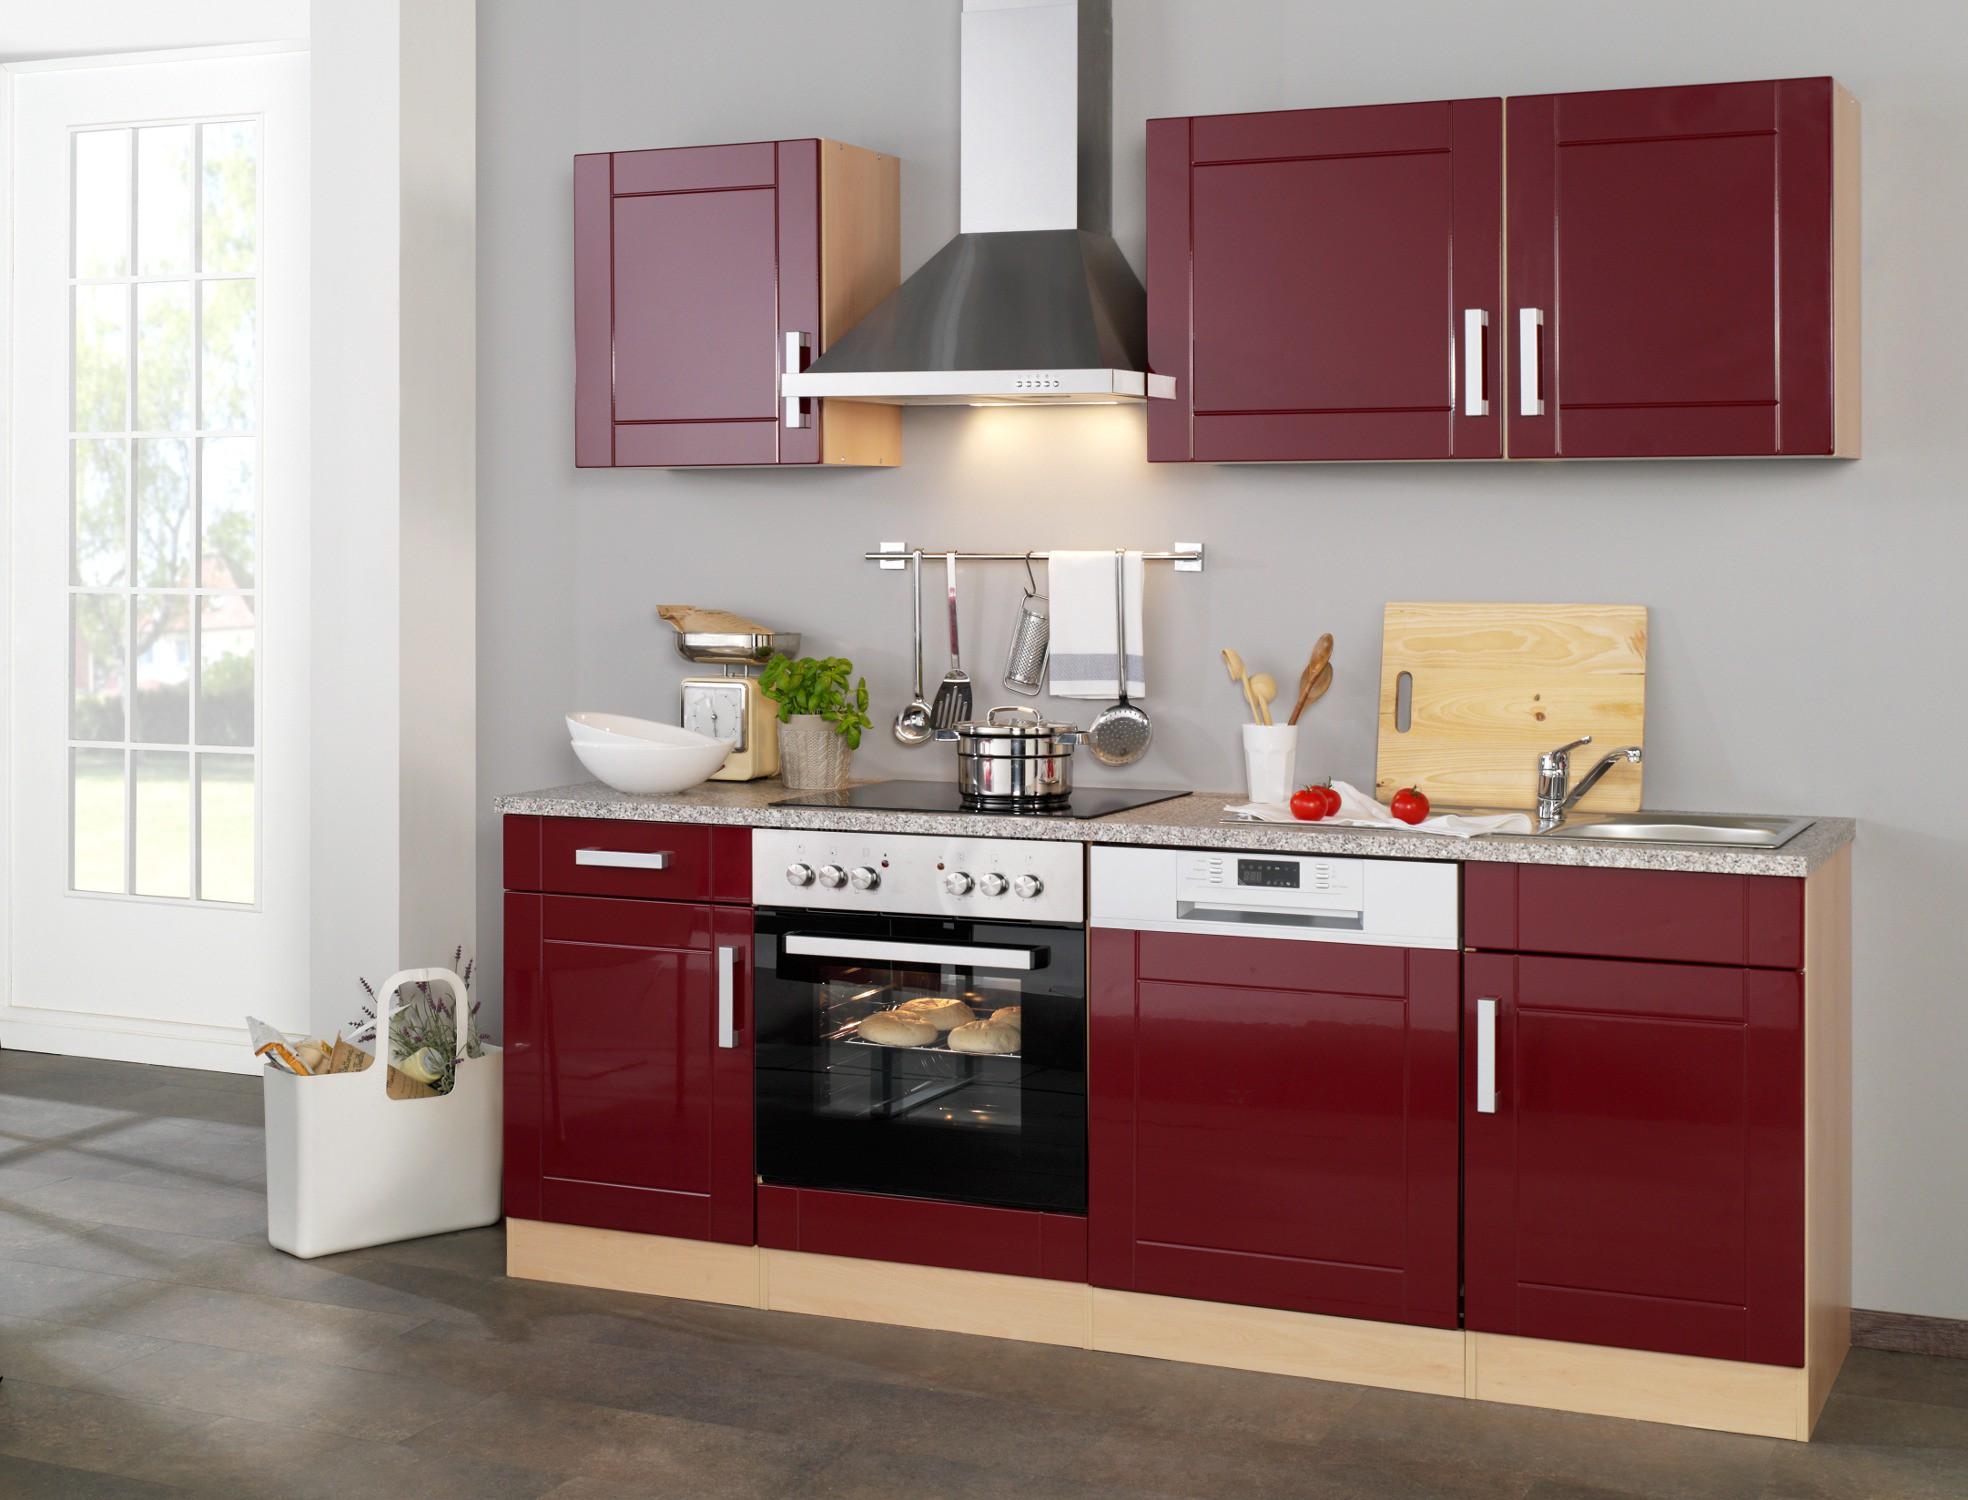 Poco Küchen Mit E Geräte ~ küchenzeile varel küchen mit e geräte breite 220 cm hochglanz bordeaux rot küche varel rot